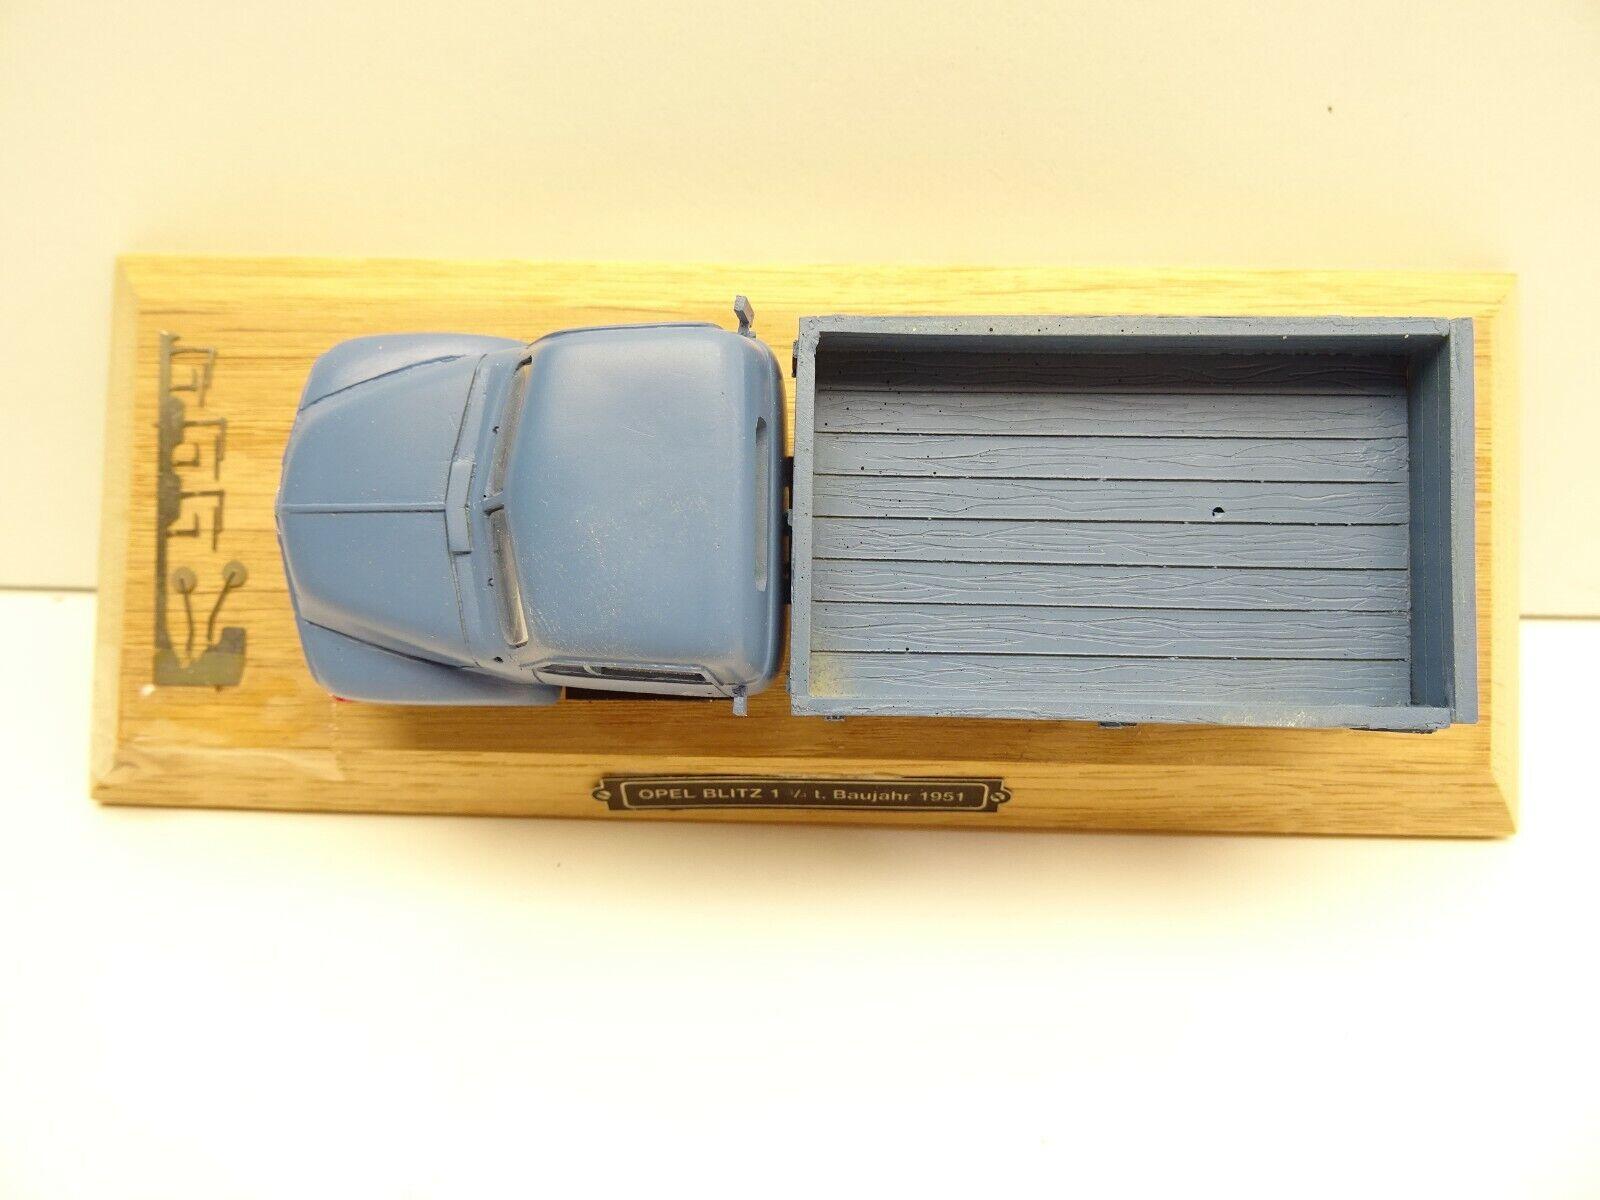 1 43 43 43 Gollwitzer 4301 Opel Blitz 1951 Zertifikat C4038 Handarbeitsmodell 7d26d3